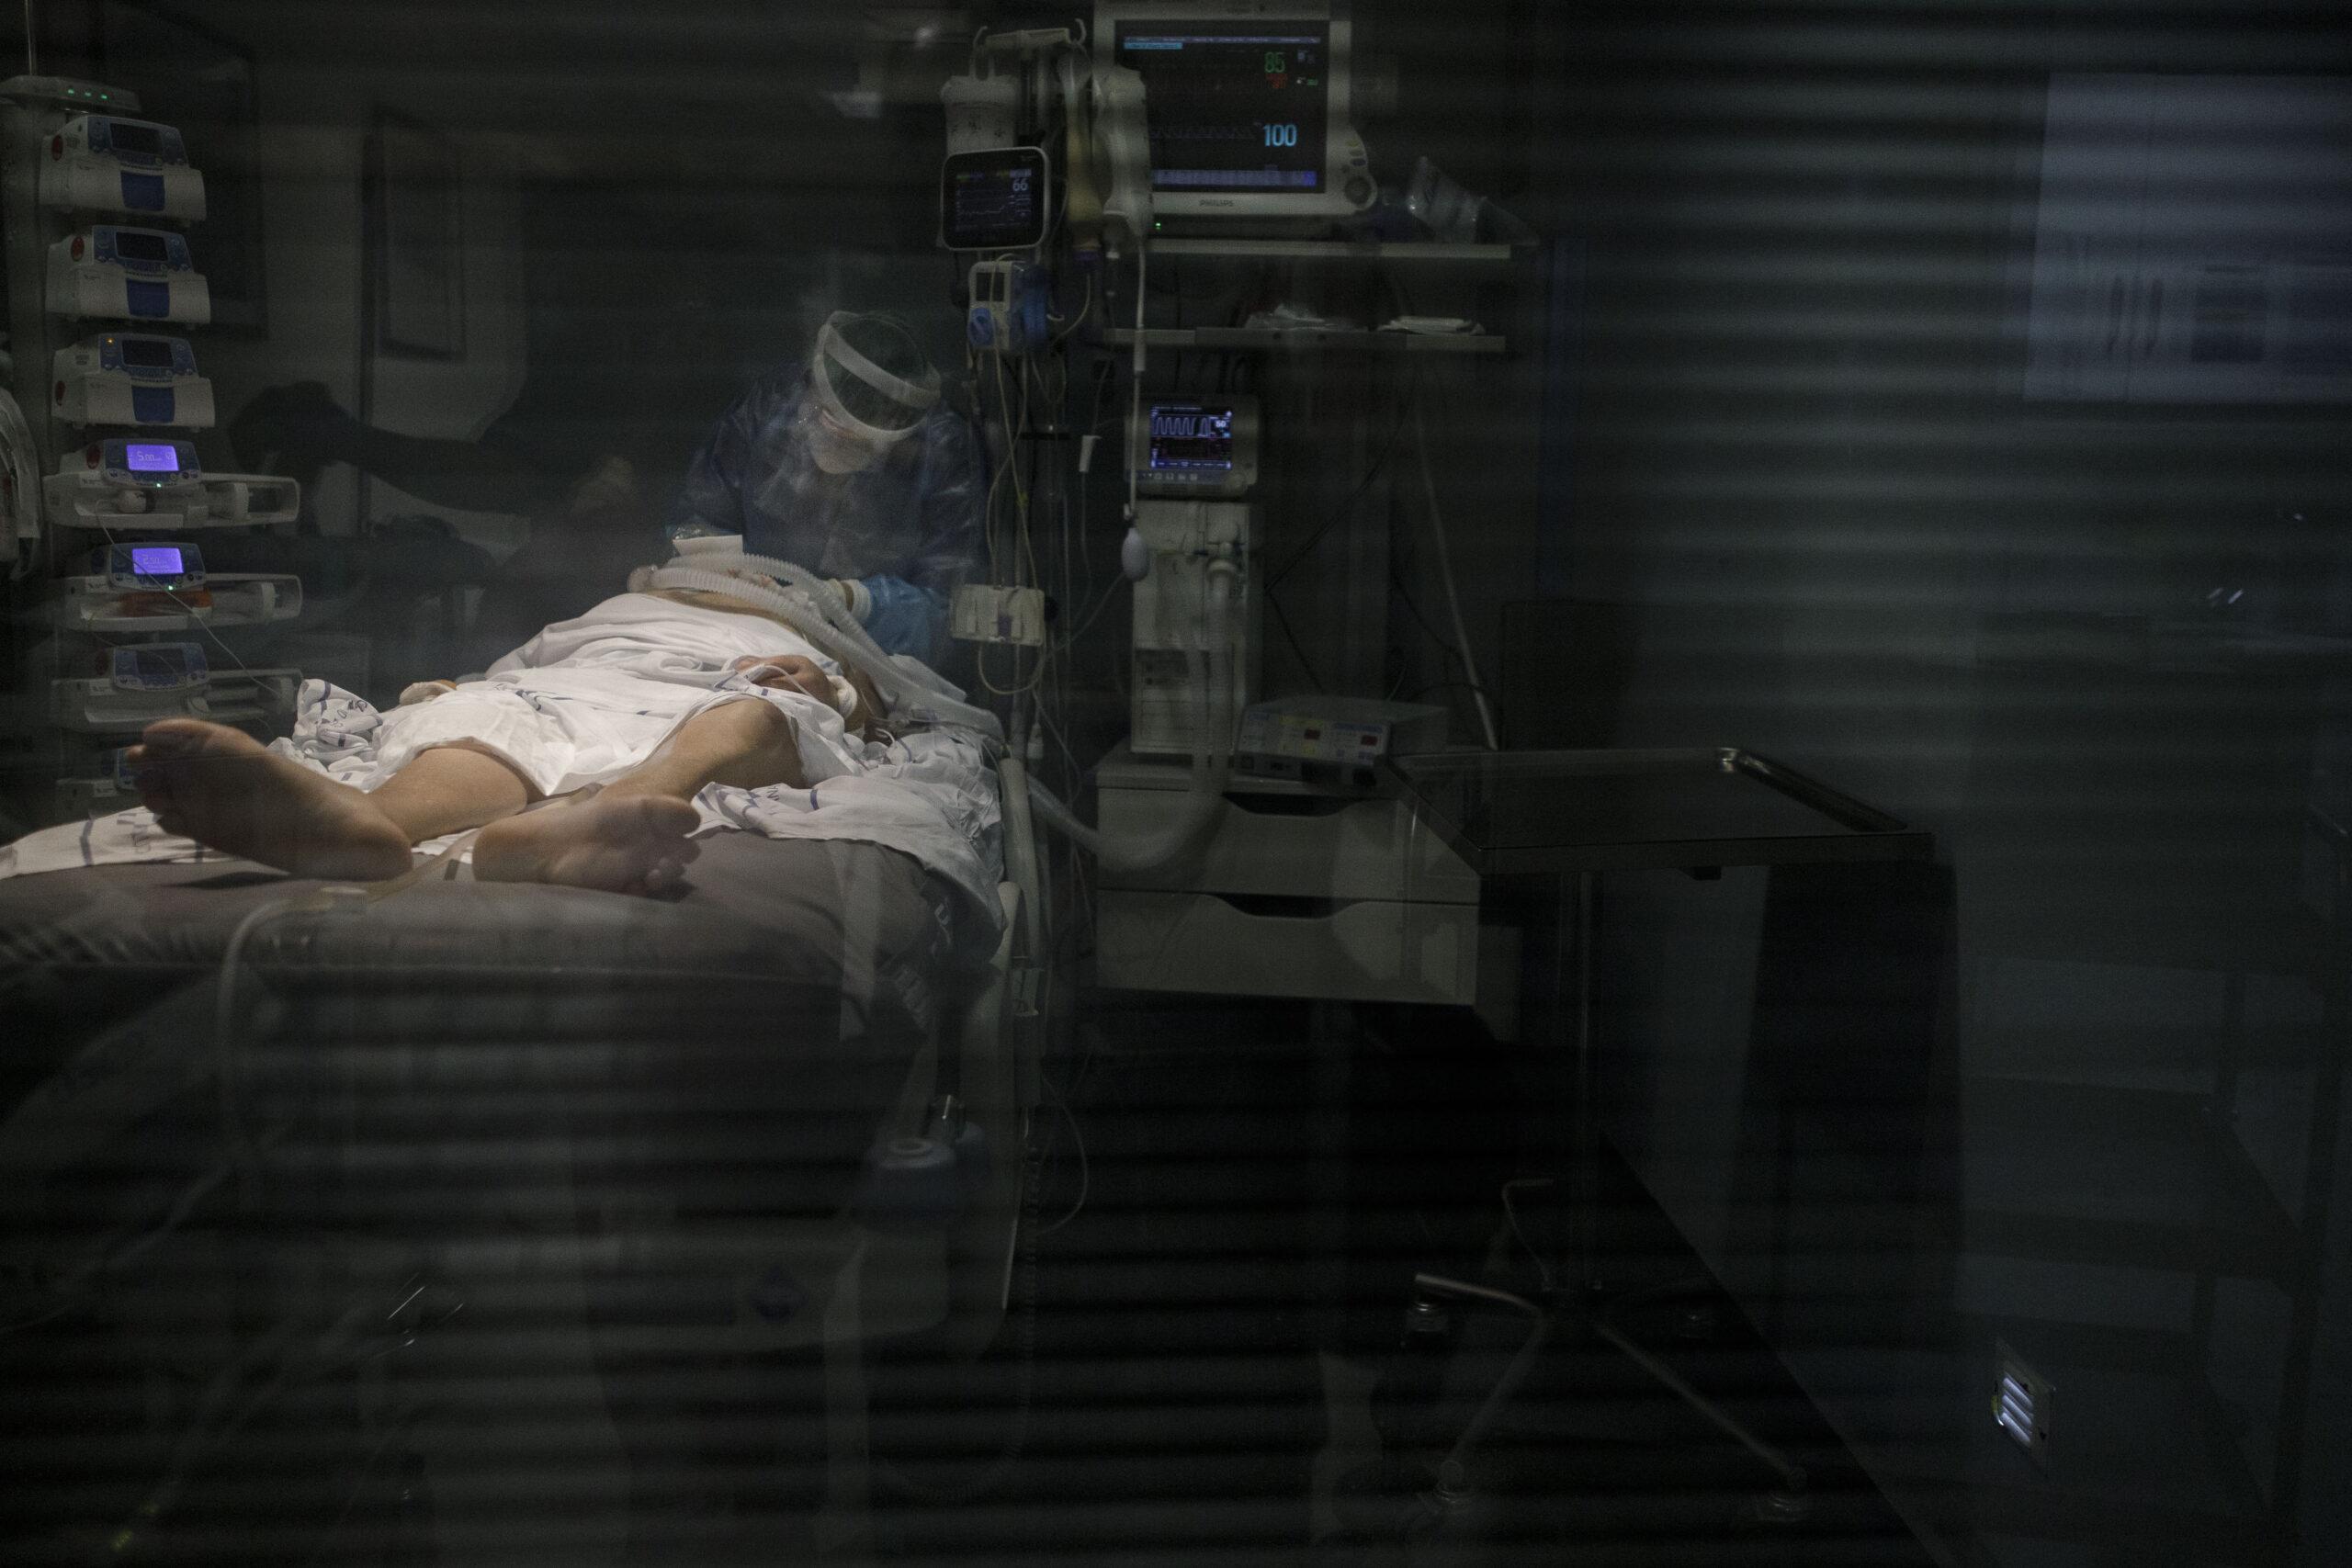 Mención de Honor. Categoría: Sociedad (Serie). Personal sanitario atiende a un enfermo de Covid-19 en la UCI del Hospital Universitario Nuestra Señora de Candelaria. Ramón de la Rocha